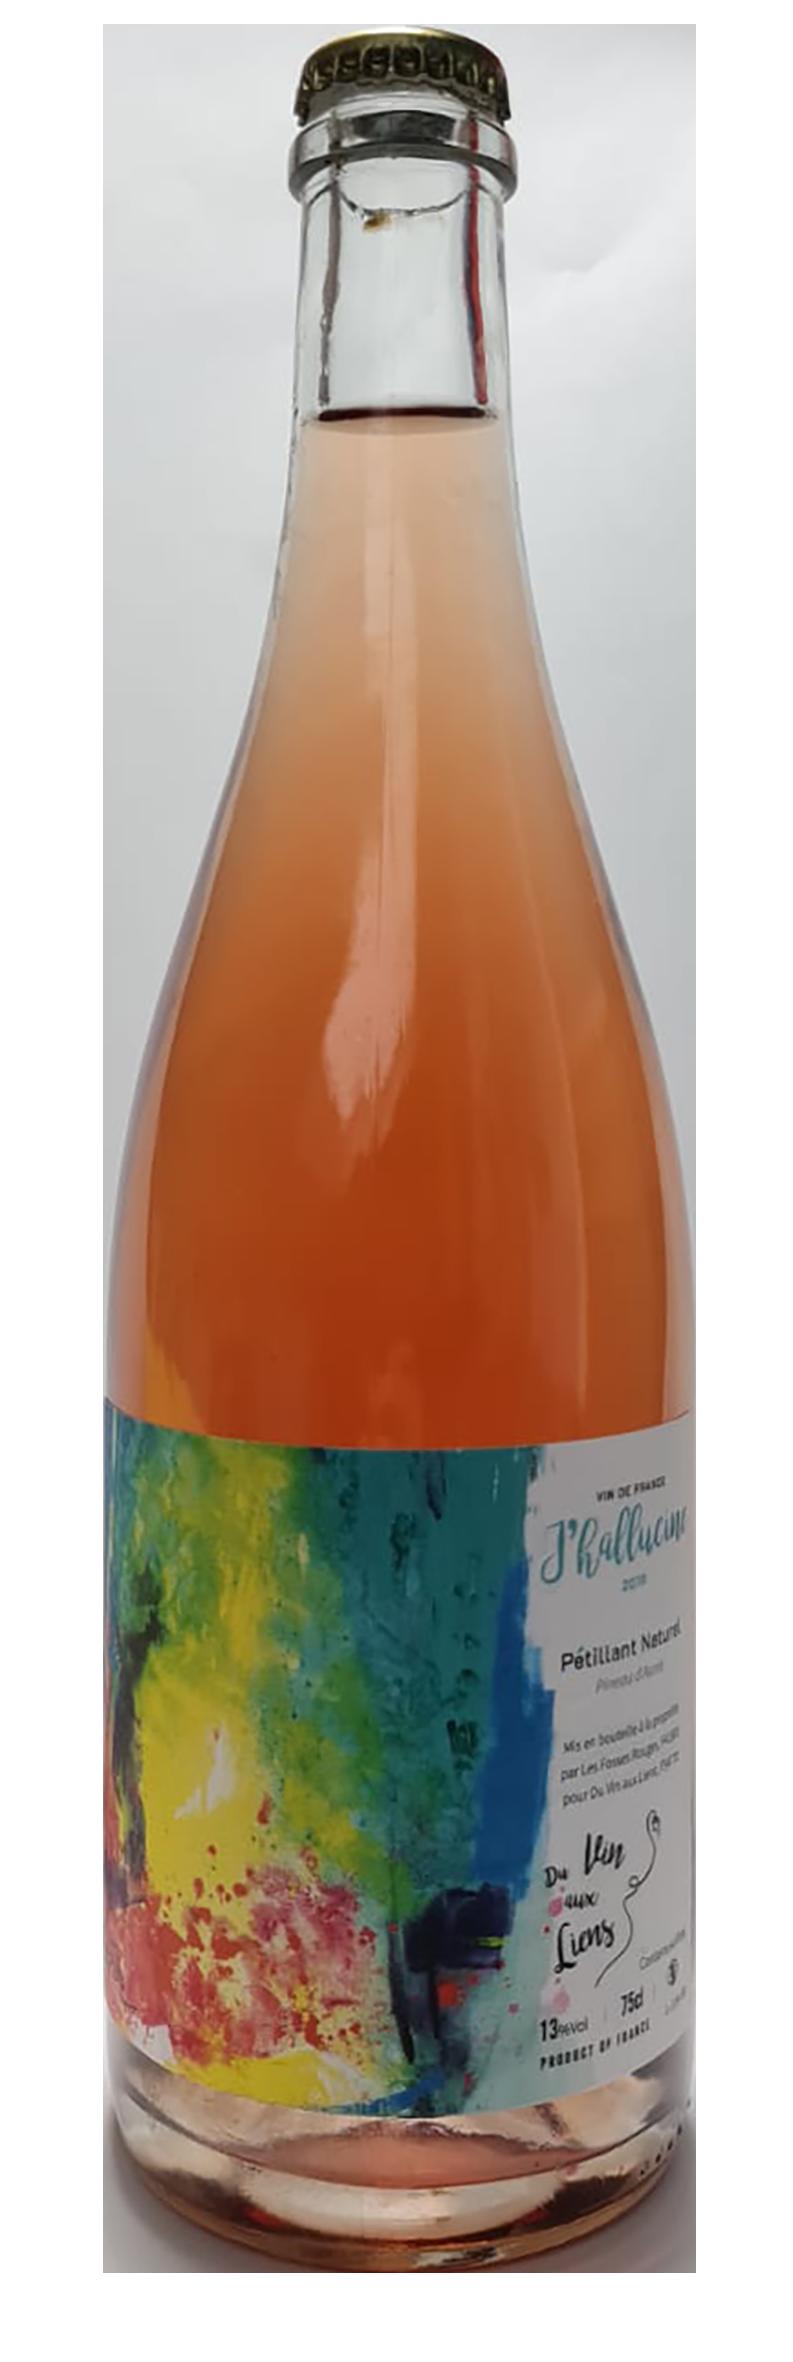 bouteille de Pet Nat rosé pétillant